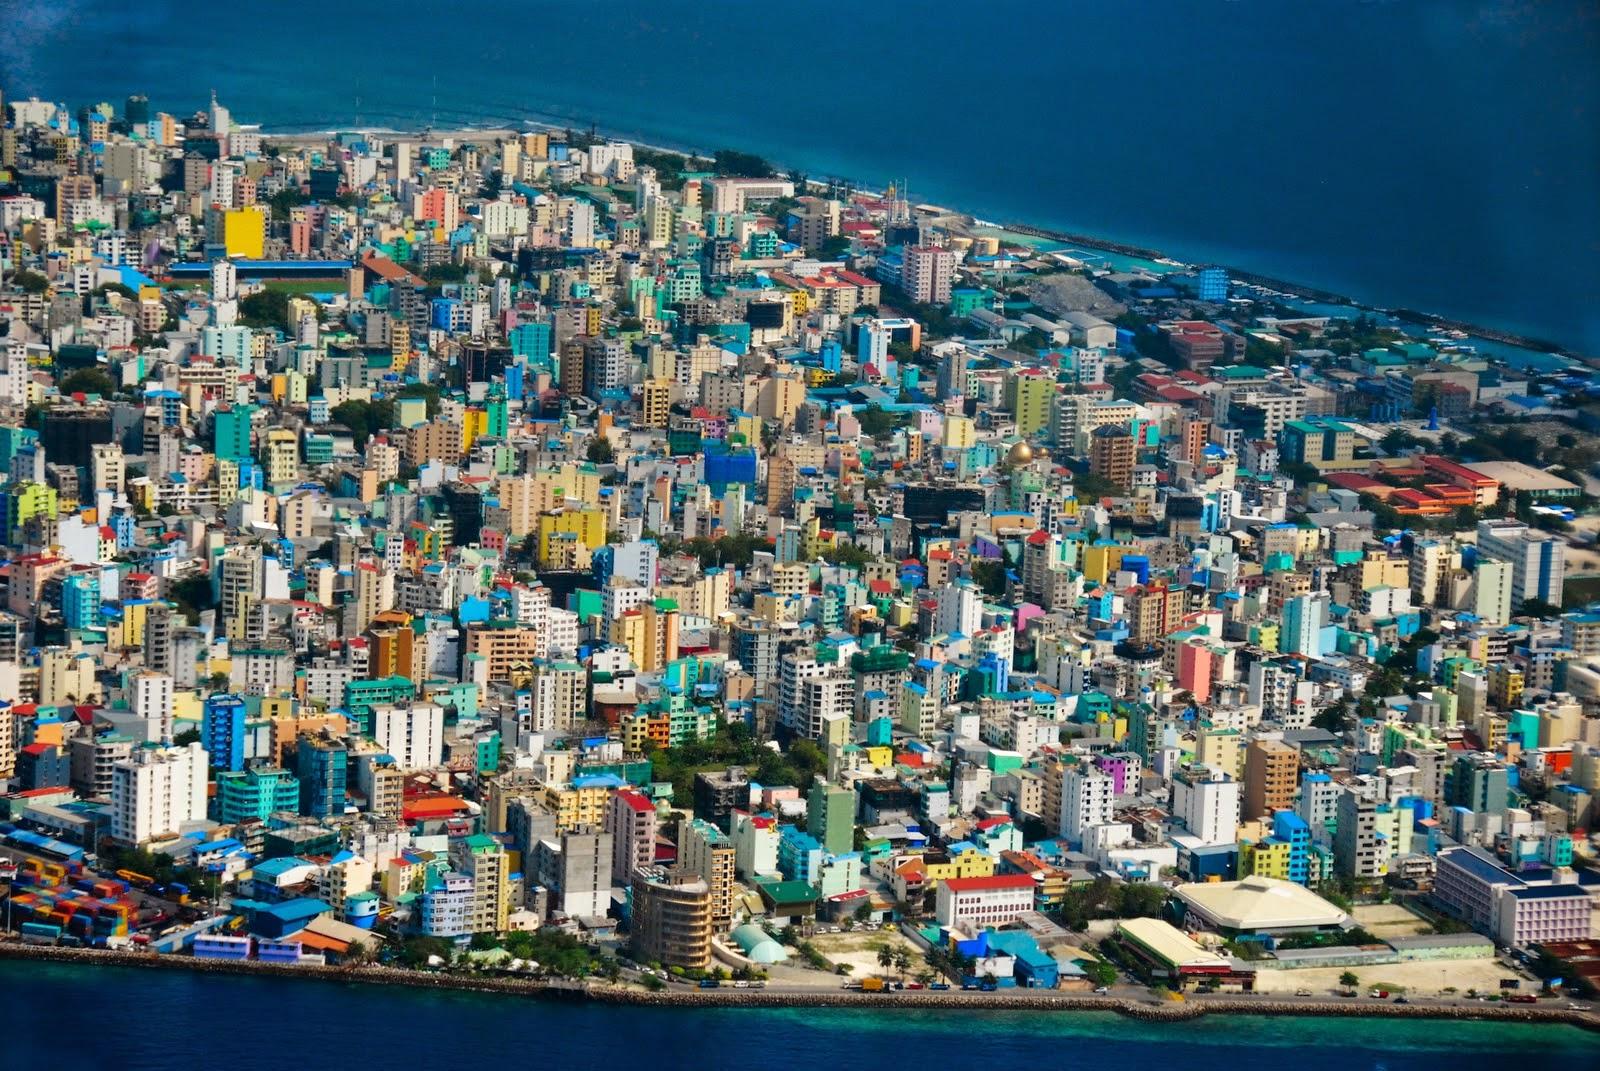 نبذة عن ماليه عاصمة المالديف